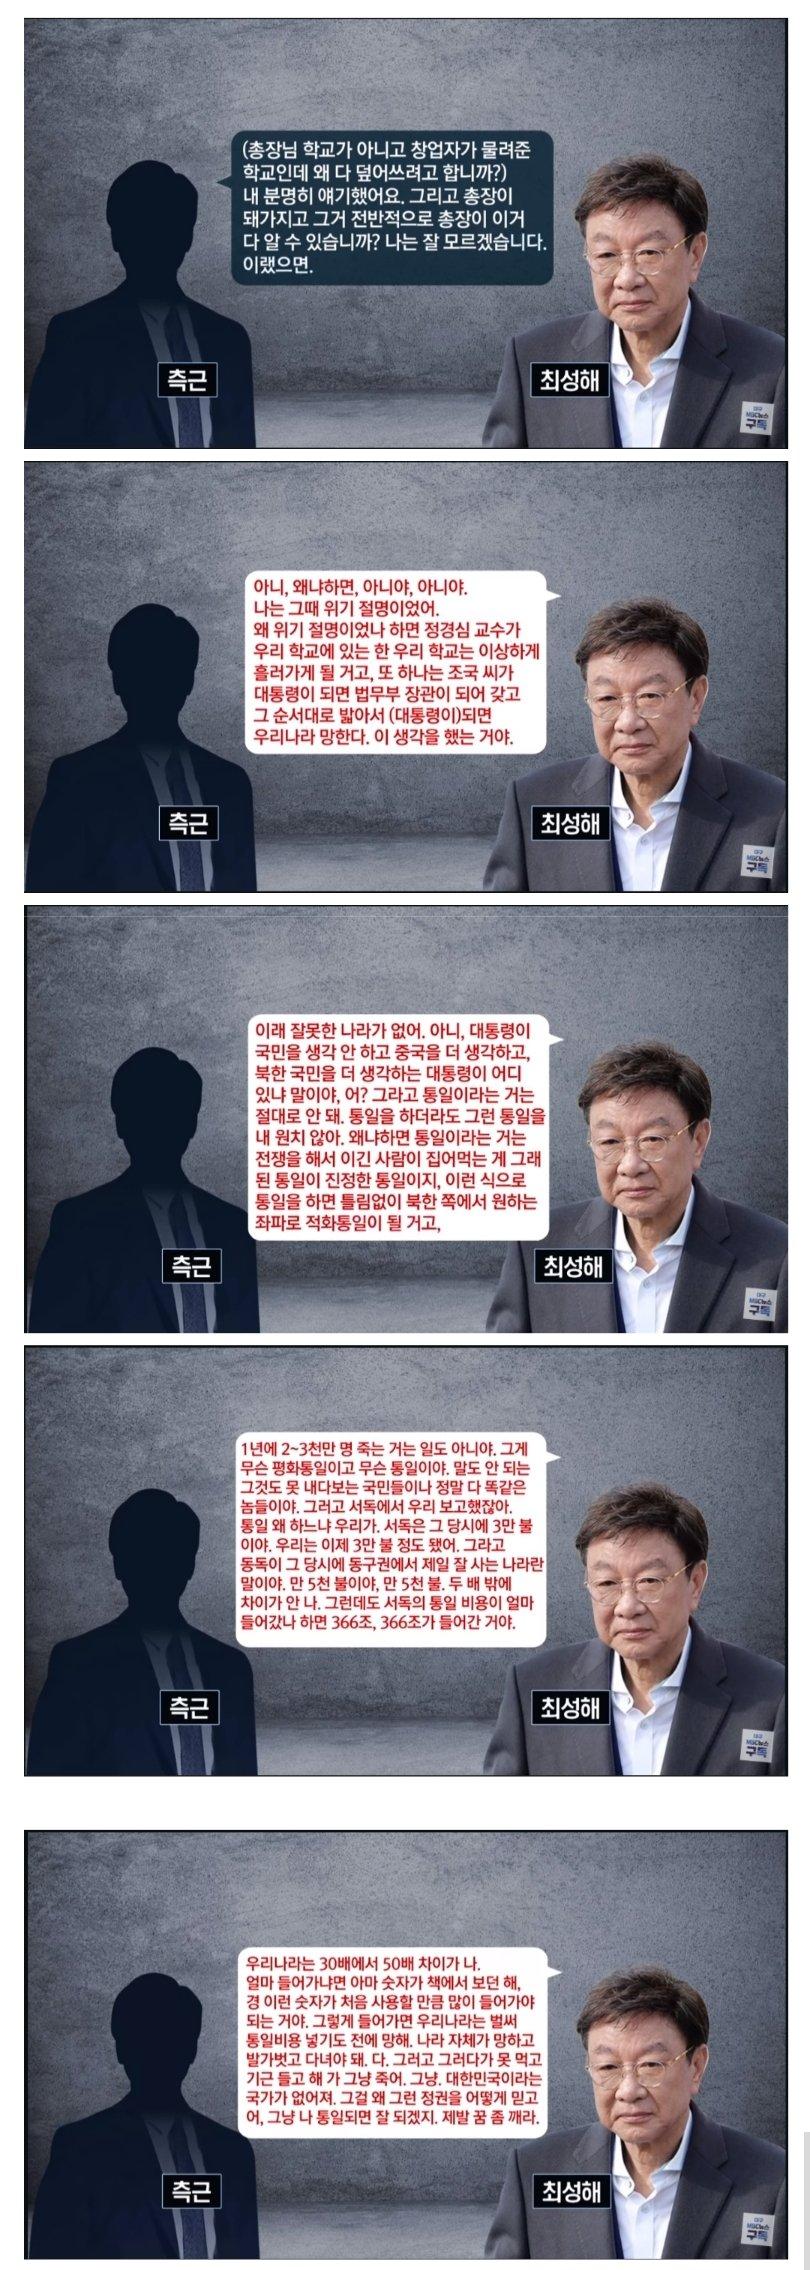 동양대 총장 녹취록 공개